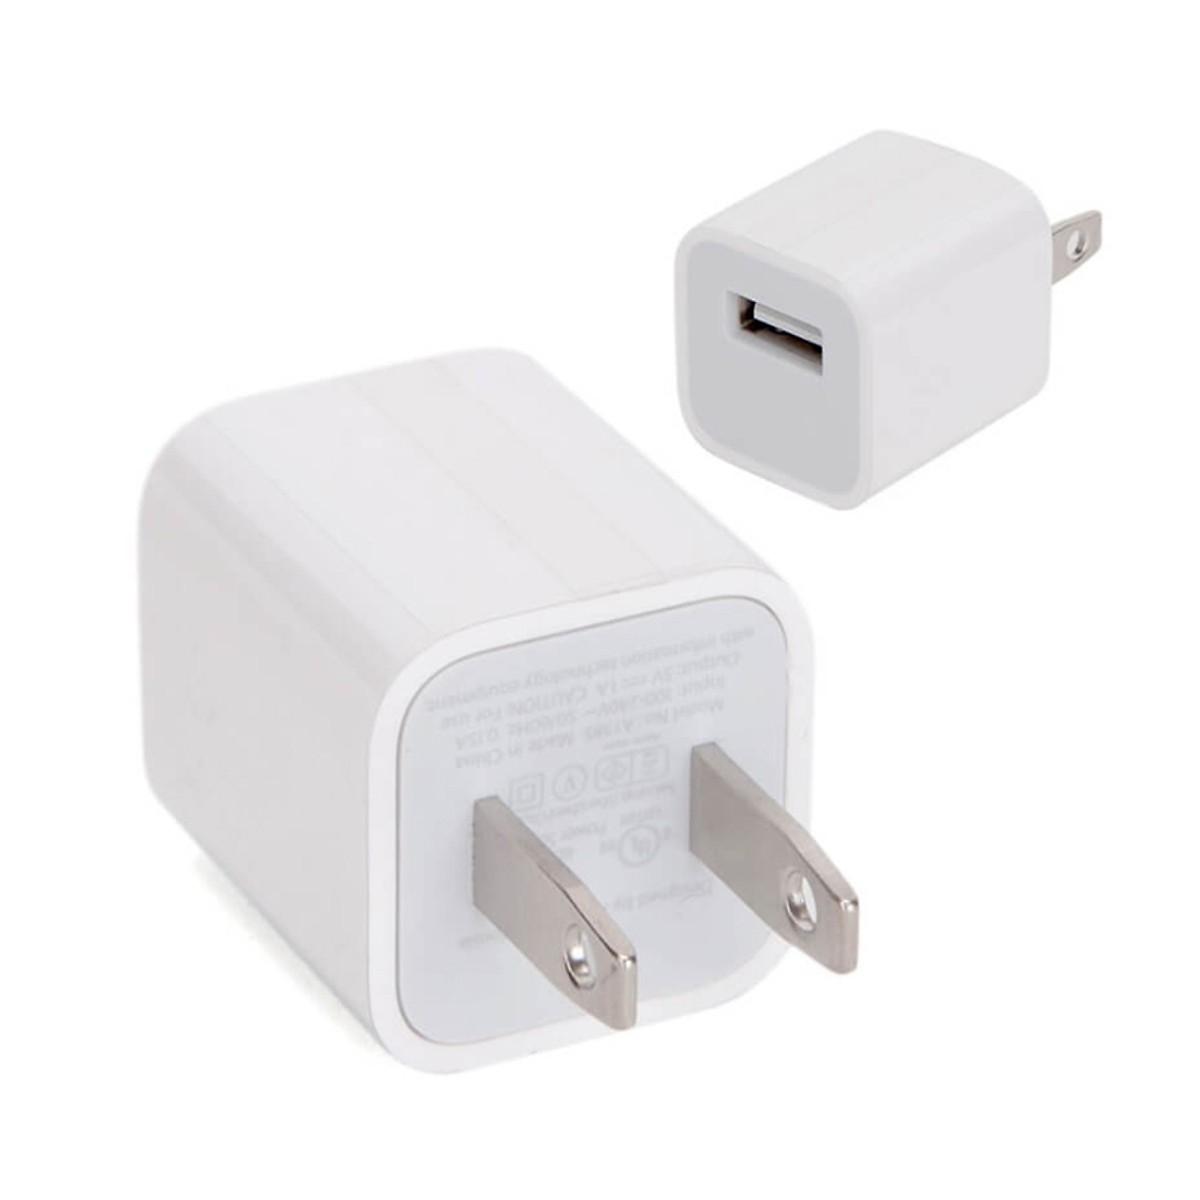 USB 4G LTE phát Wifi từ Sim Điện Thoại 3G/4G Tích hợp 3 in 1 - Dcom 4G + Router Wifi + Access Point (Tặng cục nguồn 5v-1a)